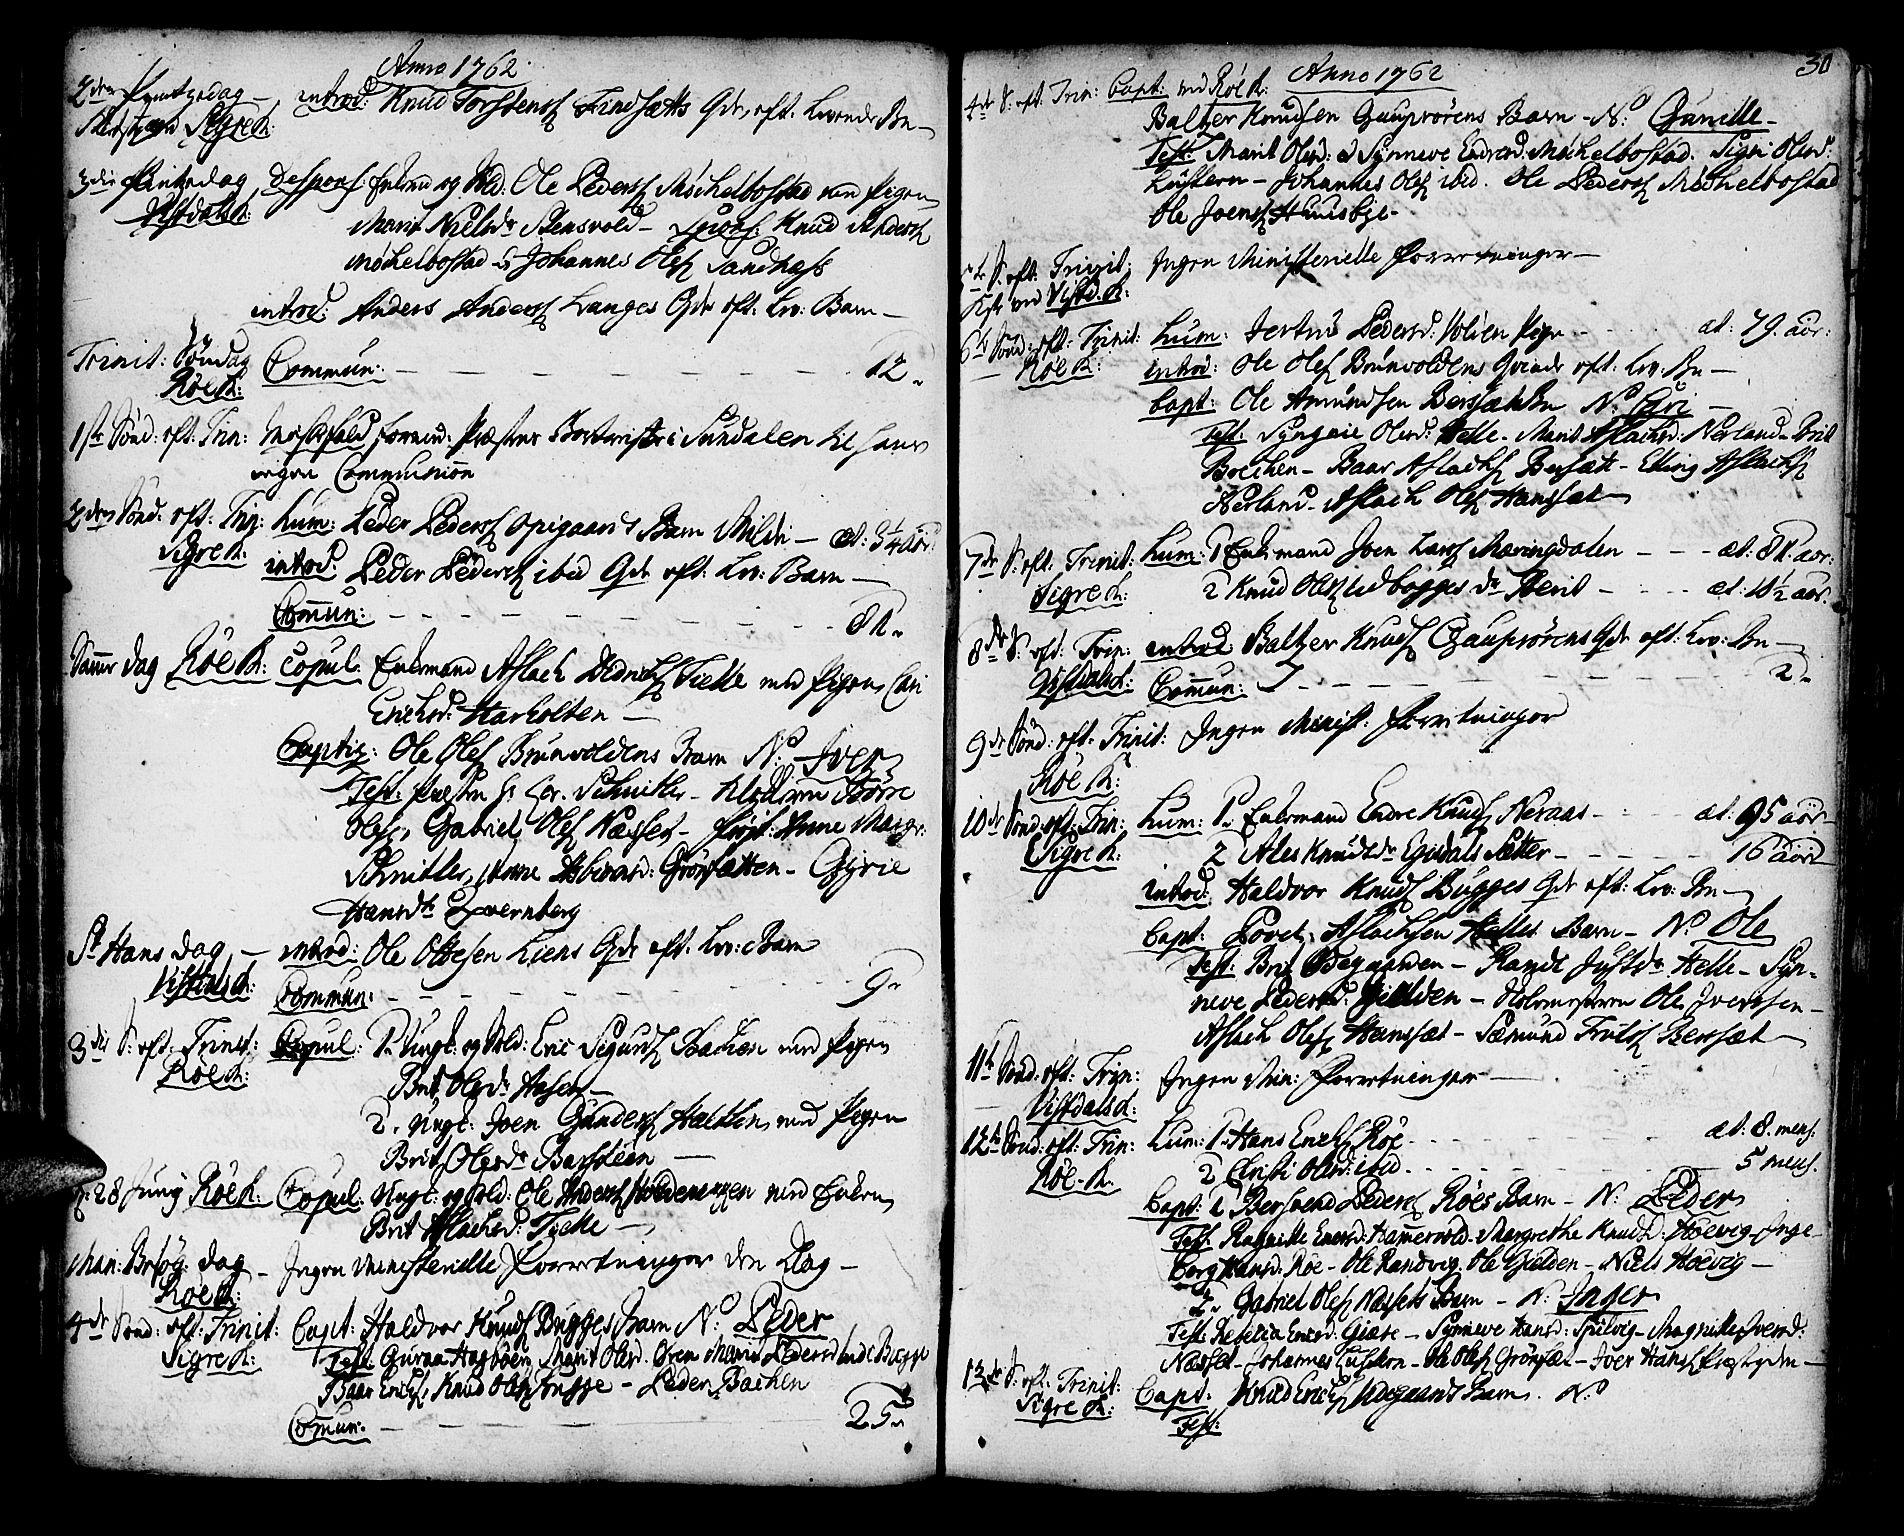 SAT, Ministerialprotokoller, klokkerbøker og fødselsregistre - Møre og Romsdal, 551/L0621: Ministerialbok nr. 551A01, 1757-1803, s. 30